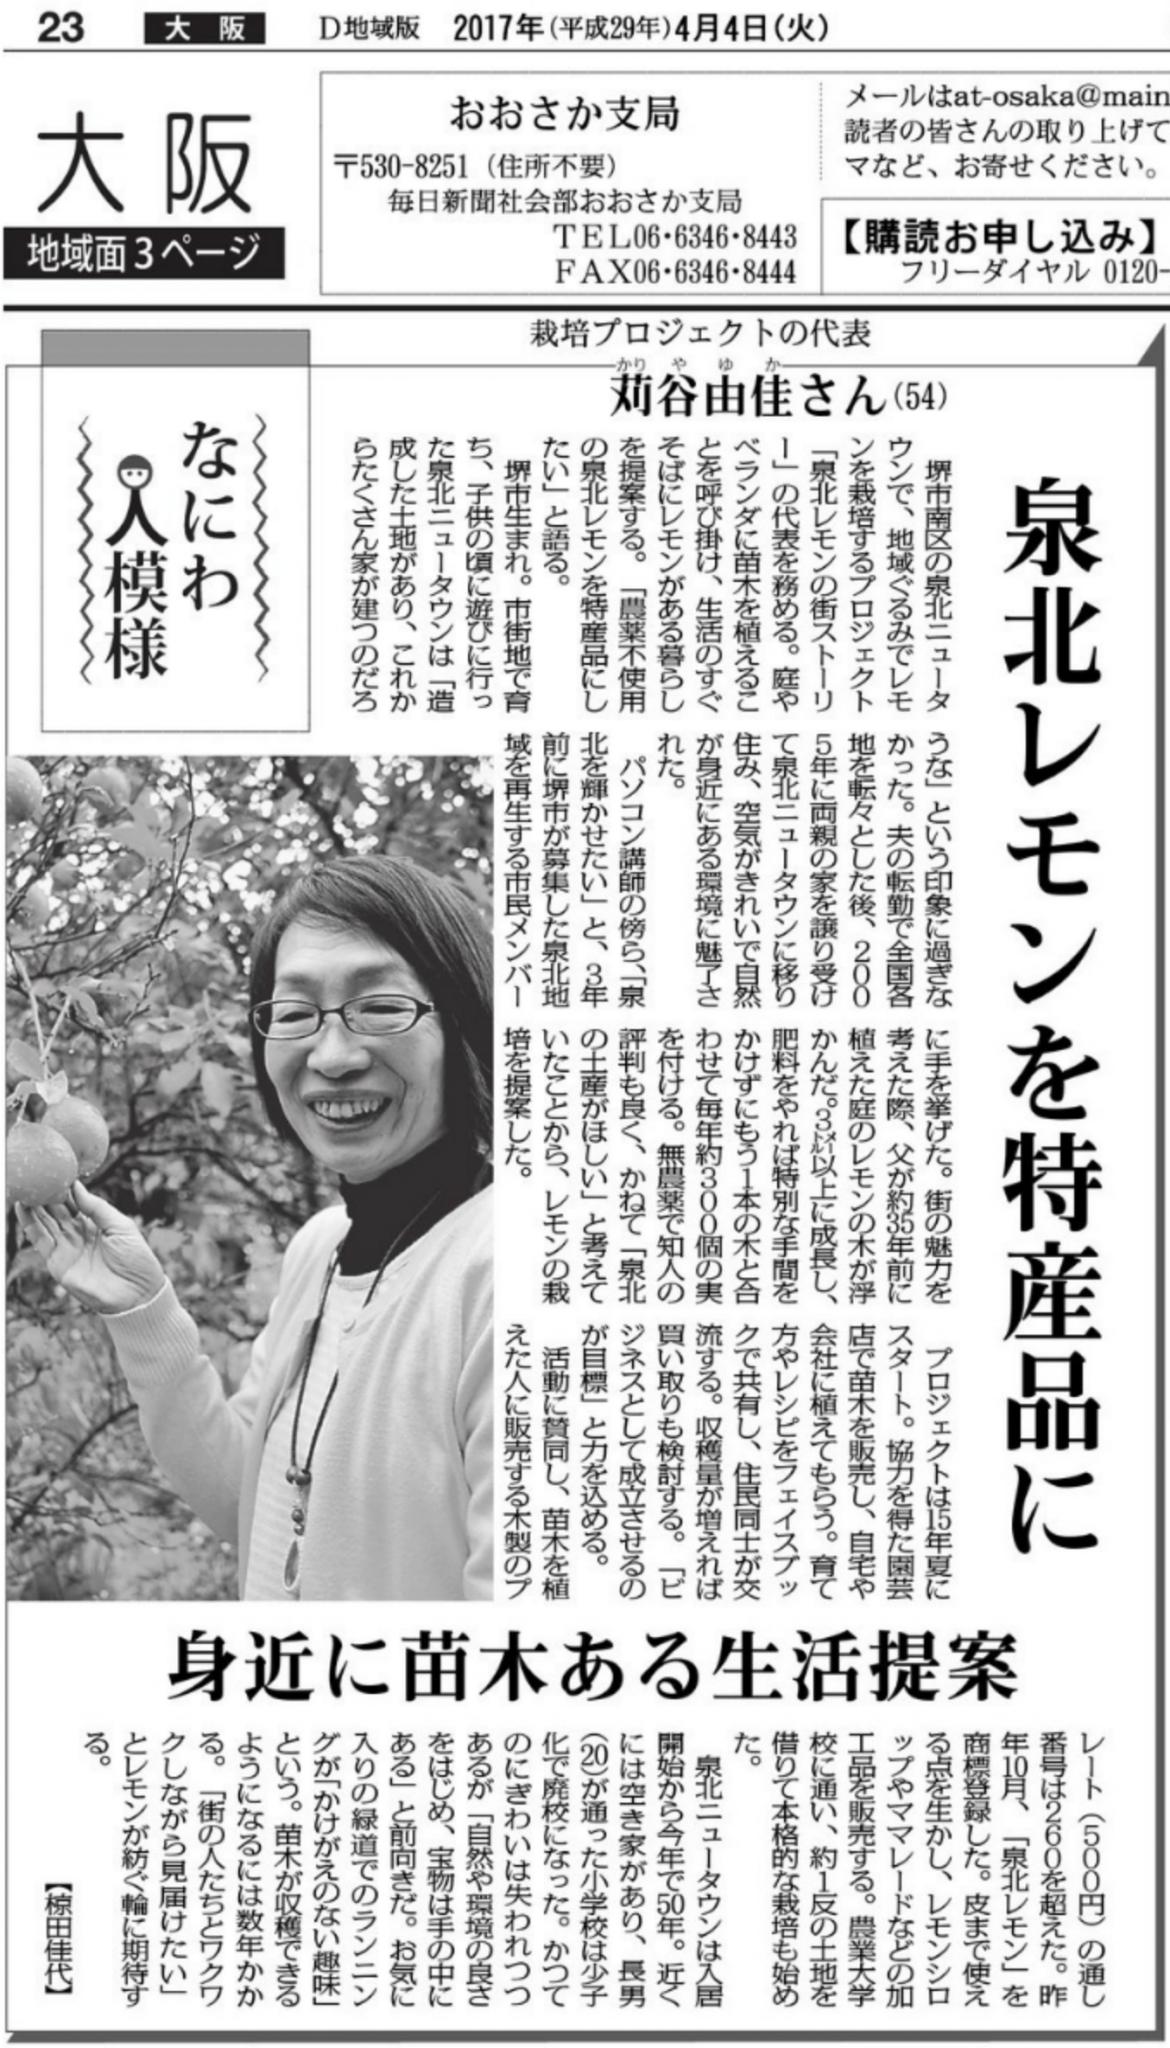 2017年4月4日(火)毎日新聞朝刊 23面